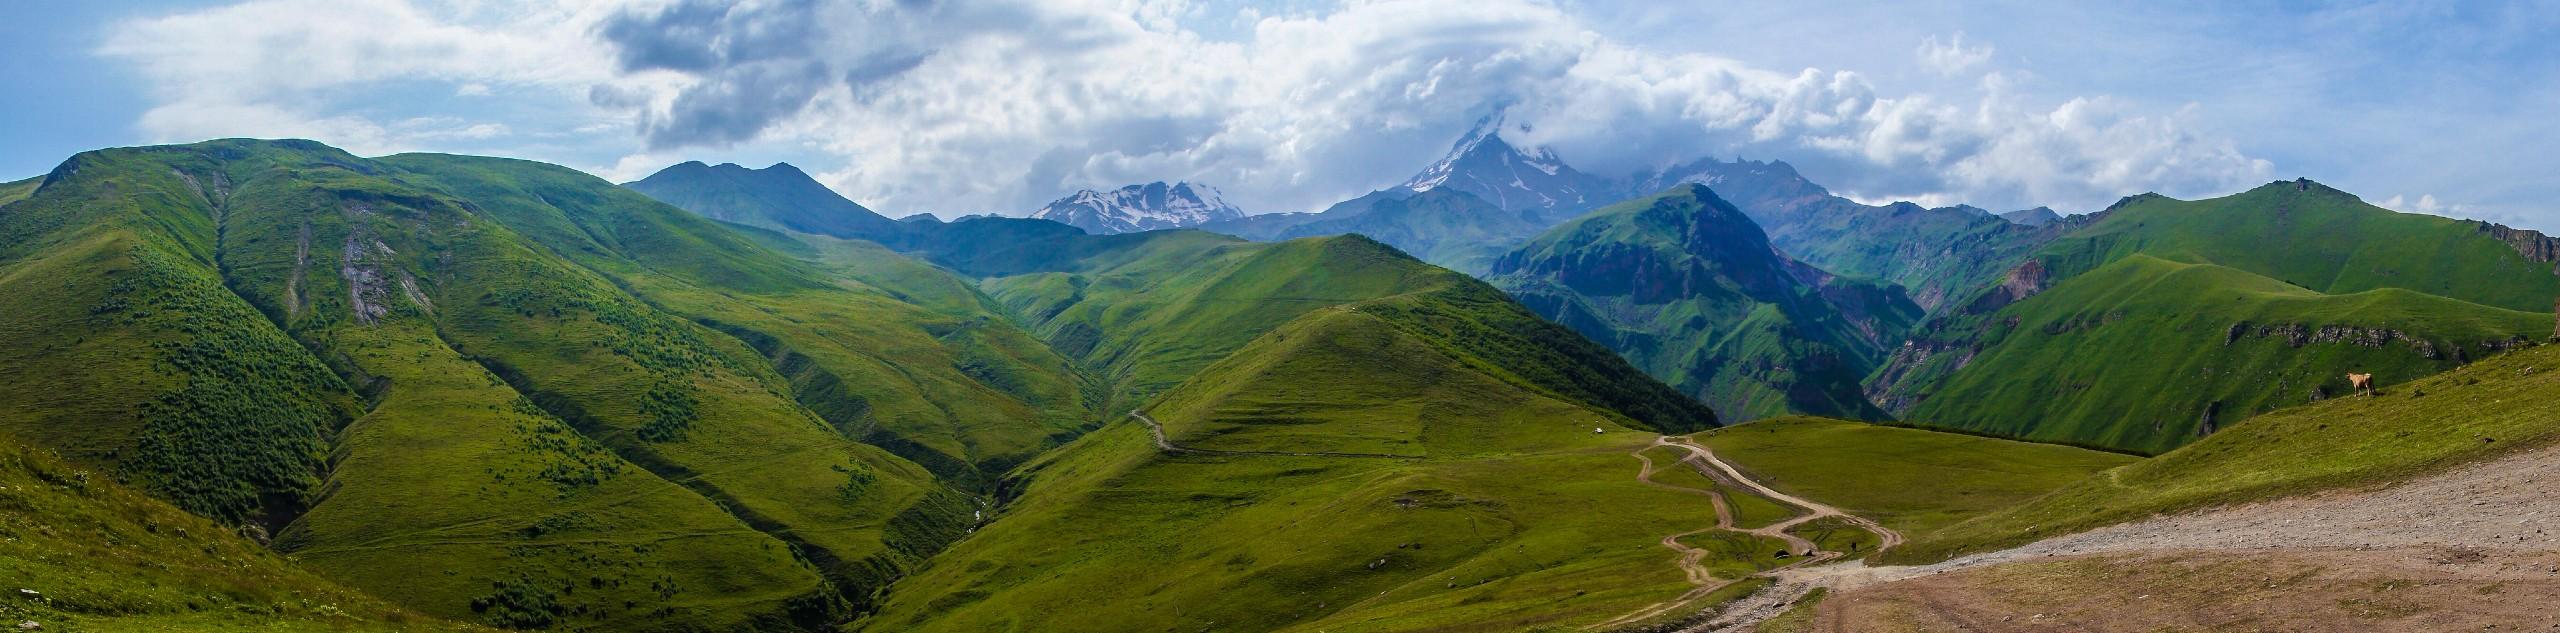 Tusheti and Mount Kazbek Remote Hiking Tour